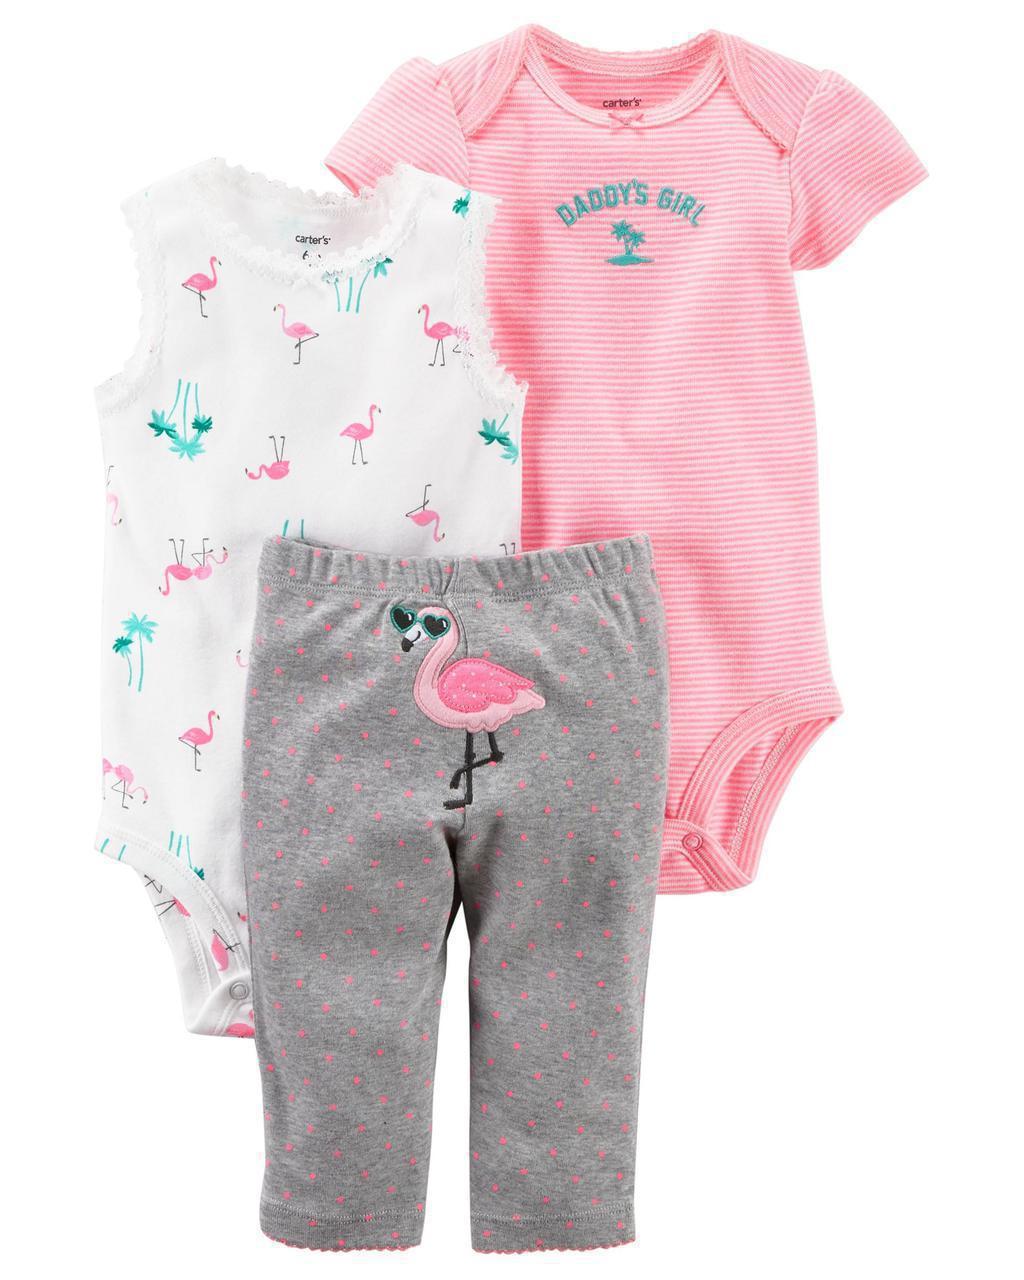 Боди + Боди-майка + Штаны Carters на новорожденную девочку до 55 см. Комплект из 3-х вещей